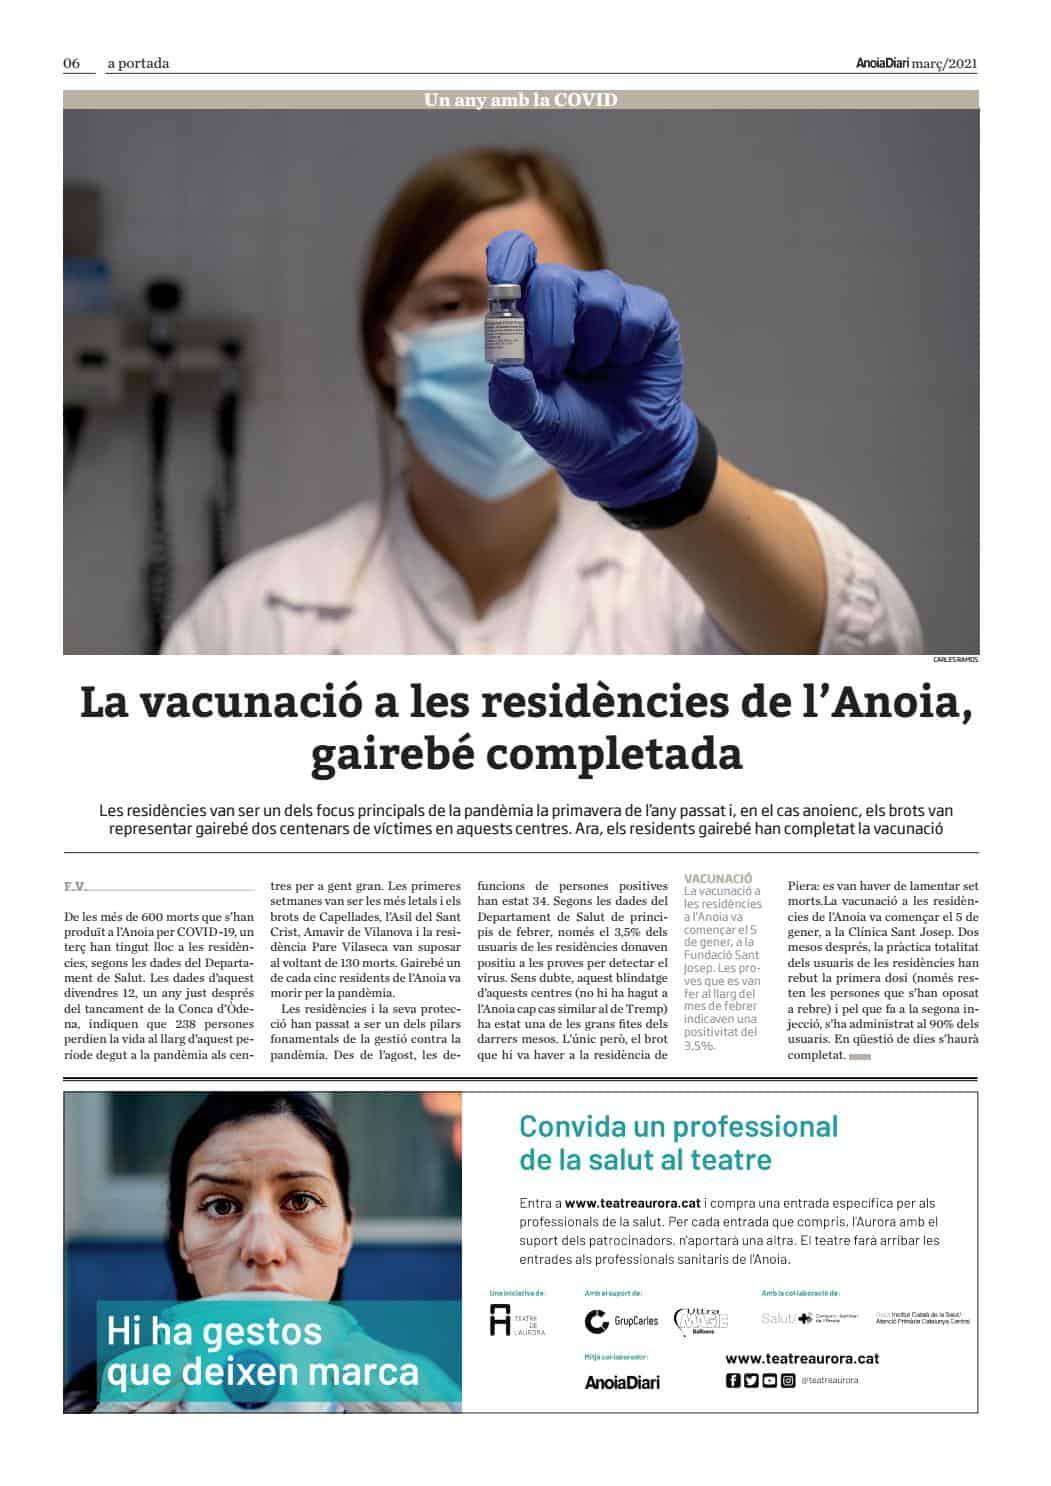 210313 - Anoiadiari - 4de4 - La vacunació a les residències gairabe completada